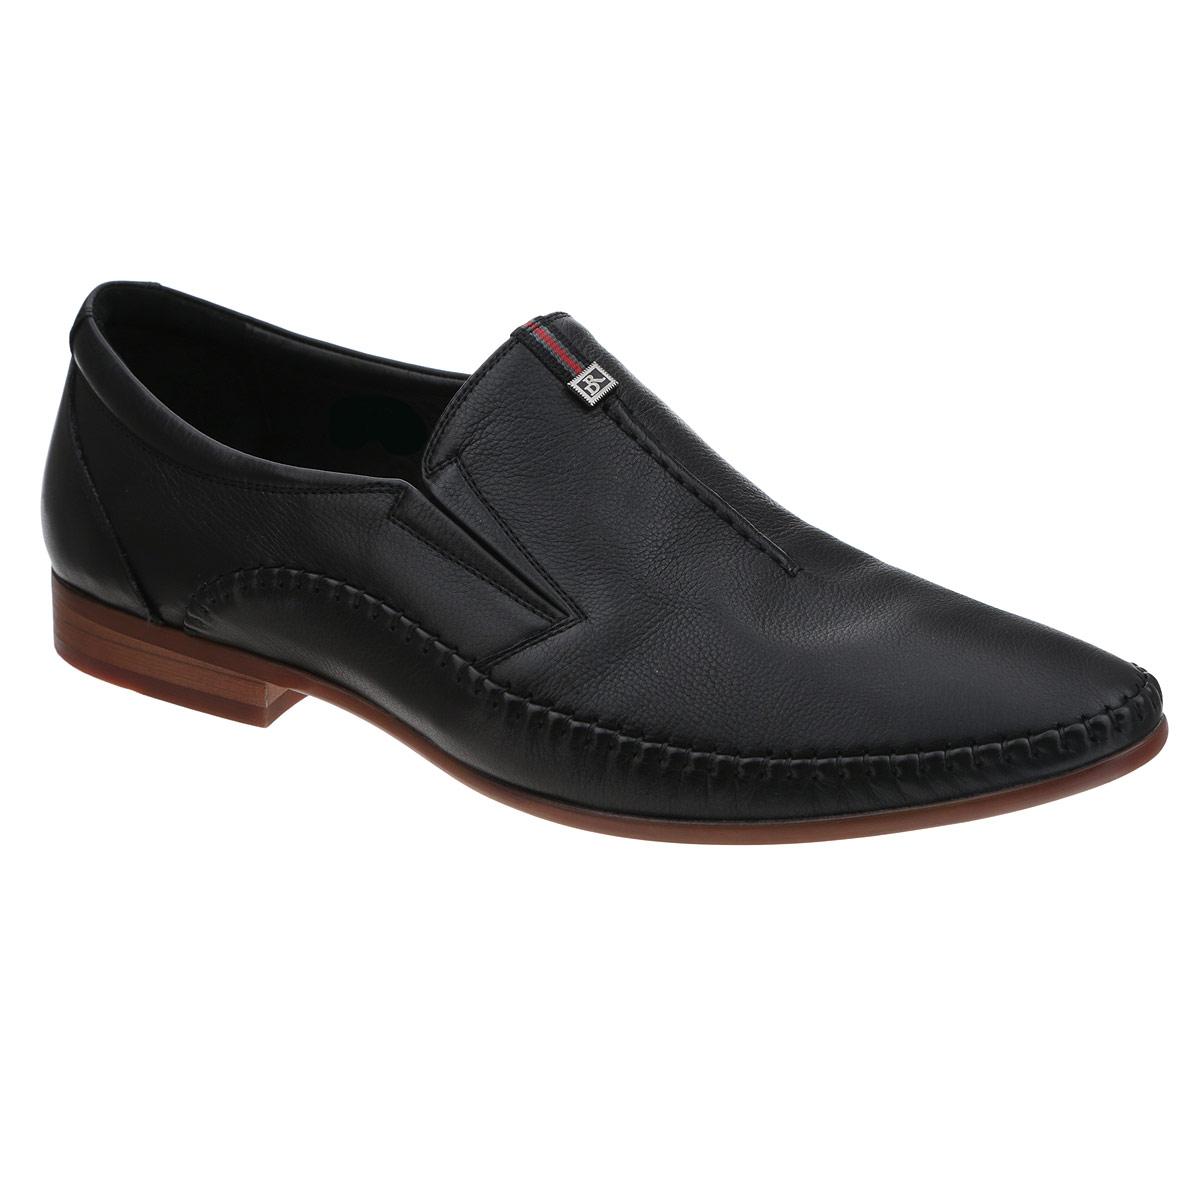 Туфли мужские. 105-07-44105-07-44Элегантные мужские туфли от Dino Ricci займут достойное место среди вашей коллекции обуви. Модель выполнена из натуральной высококачественной кожи и оформлена внешними декоративными швами, нашивкой и небольшой металлической пластиной с логотипом бренда. Резинки, расположенные на подъеме, гарантируют оптимальную посадку модели на ноге. Стелька из натуральной кожи оснащена перфорацией, позволяющей вашим ногам дышать. Каблук и подошва стилизованы под дерево. Подошва дополнена рифлением в виде оригинального рисунка. Стильные туфли прекрасно дополнят ваш деловой образ.